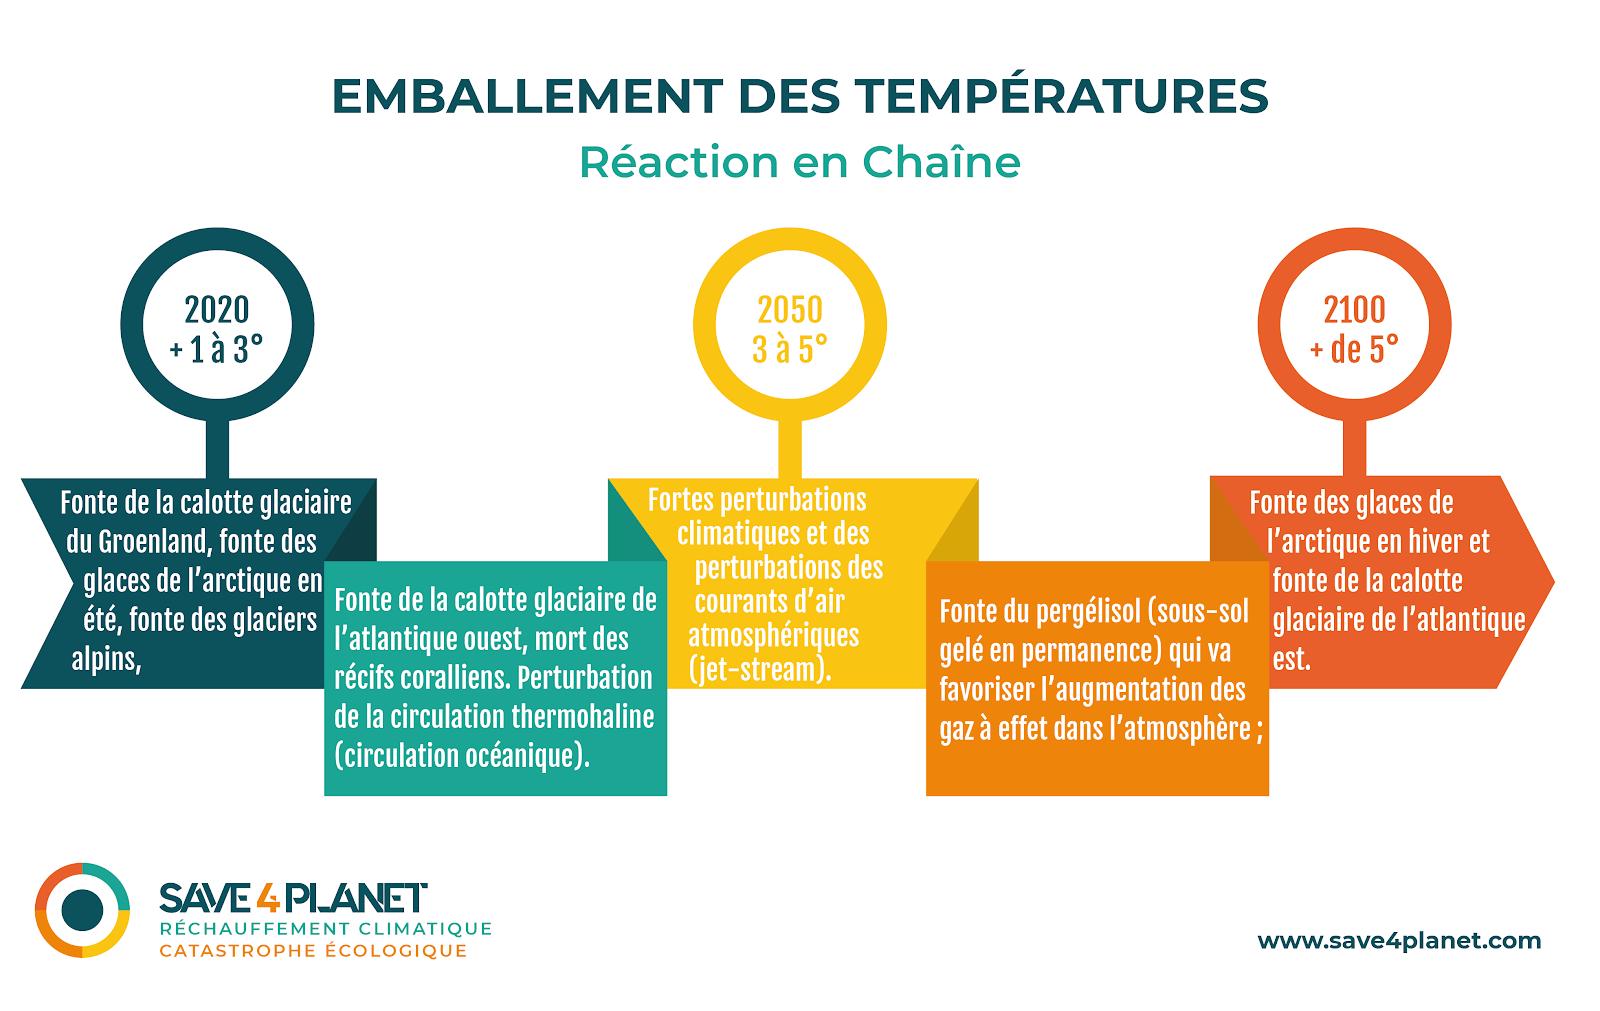 Boucle de rétroaction positive - infographie Julie Blanc